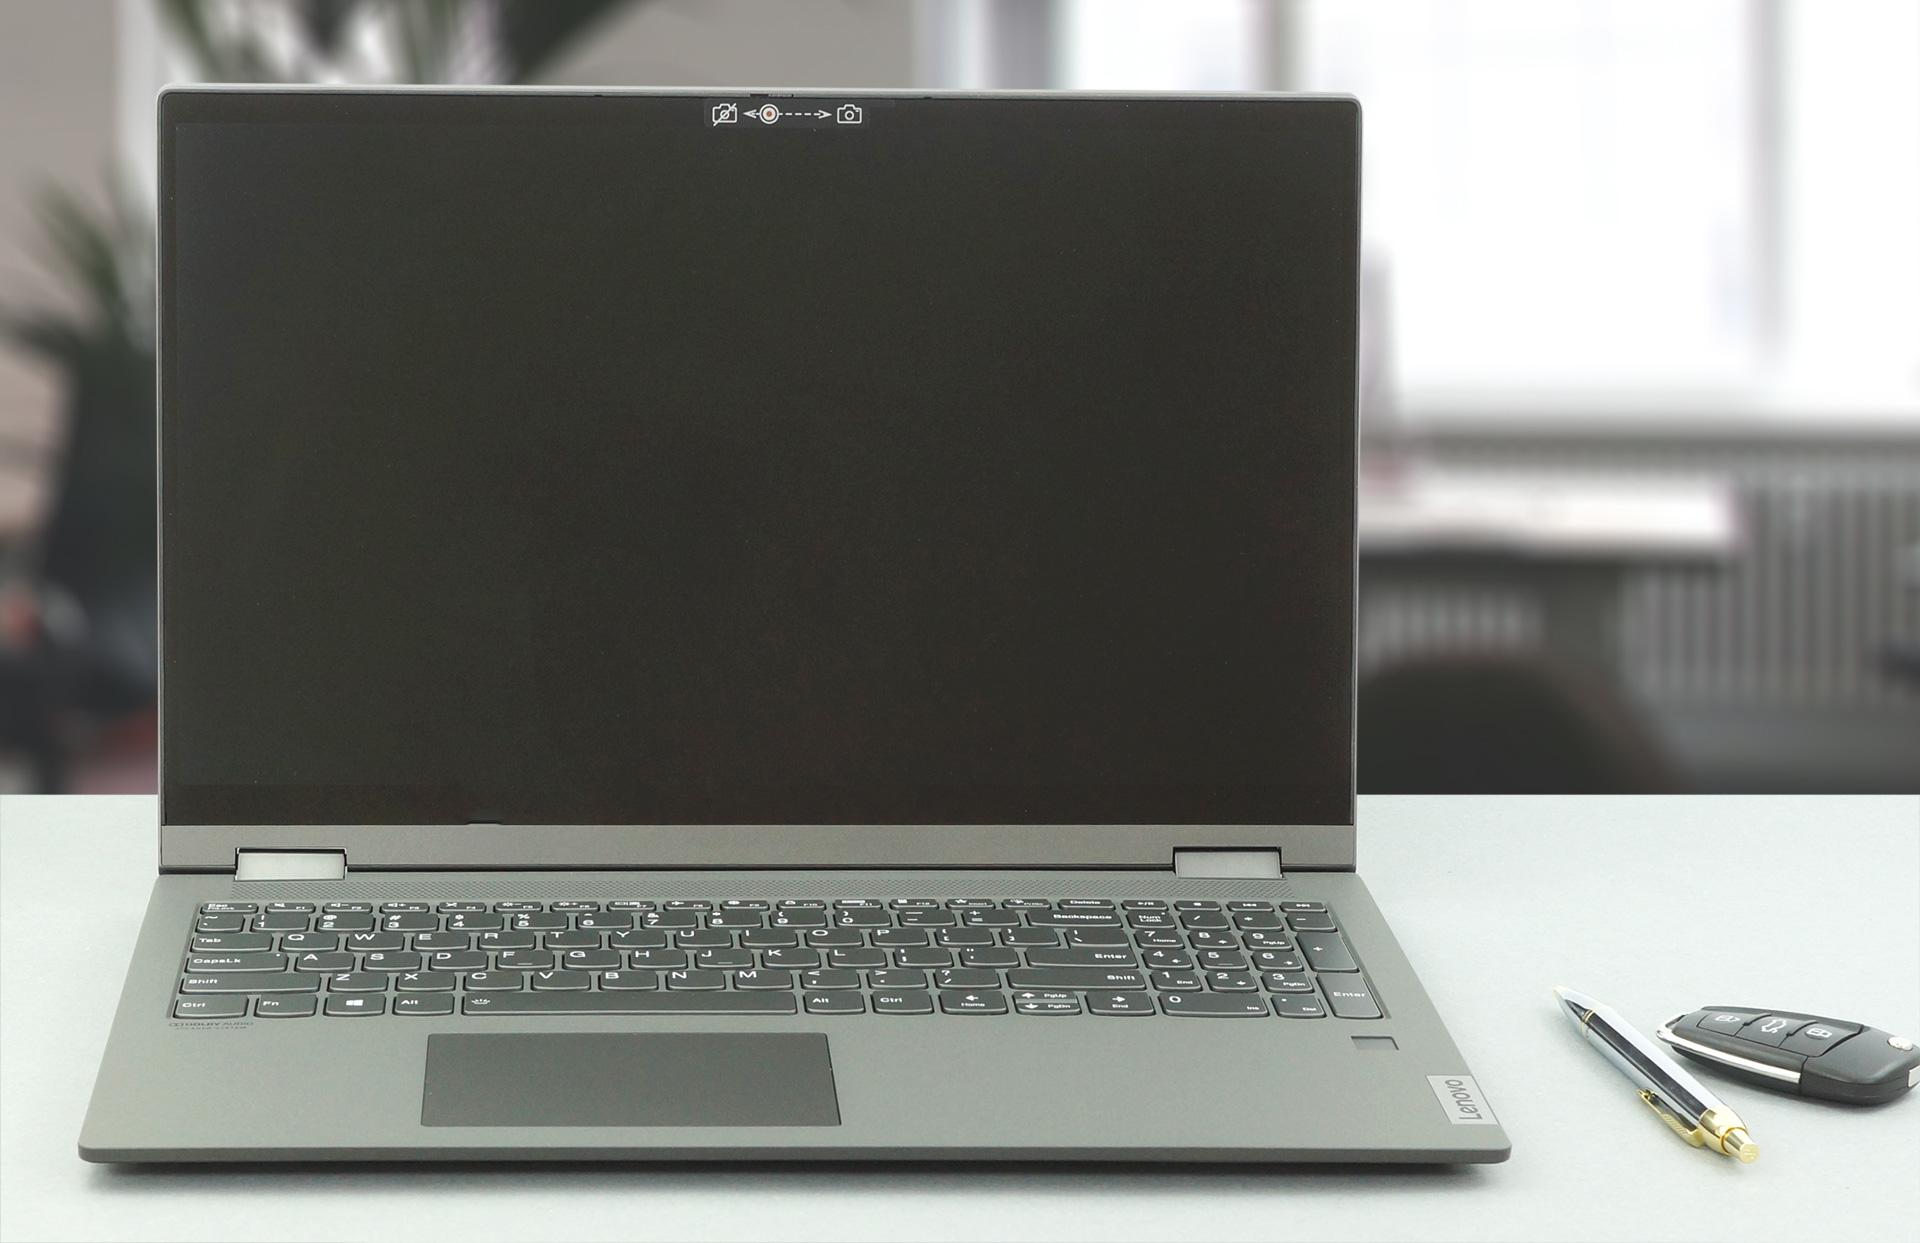 Laptop voor dagelijkse gebruik in 2021 - Lenovo IdeaPad 5 15.6